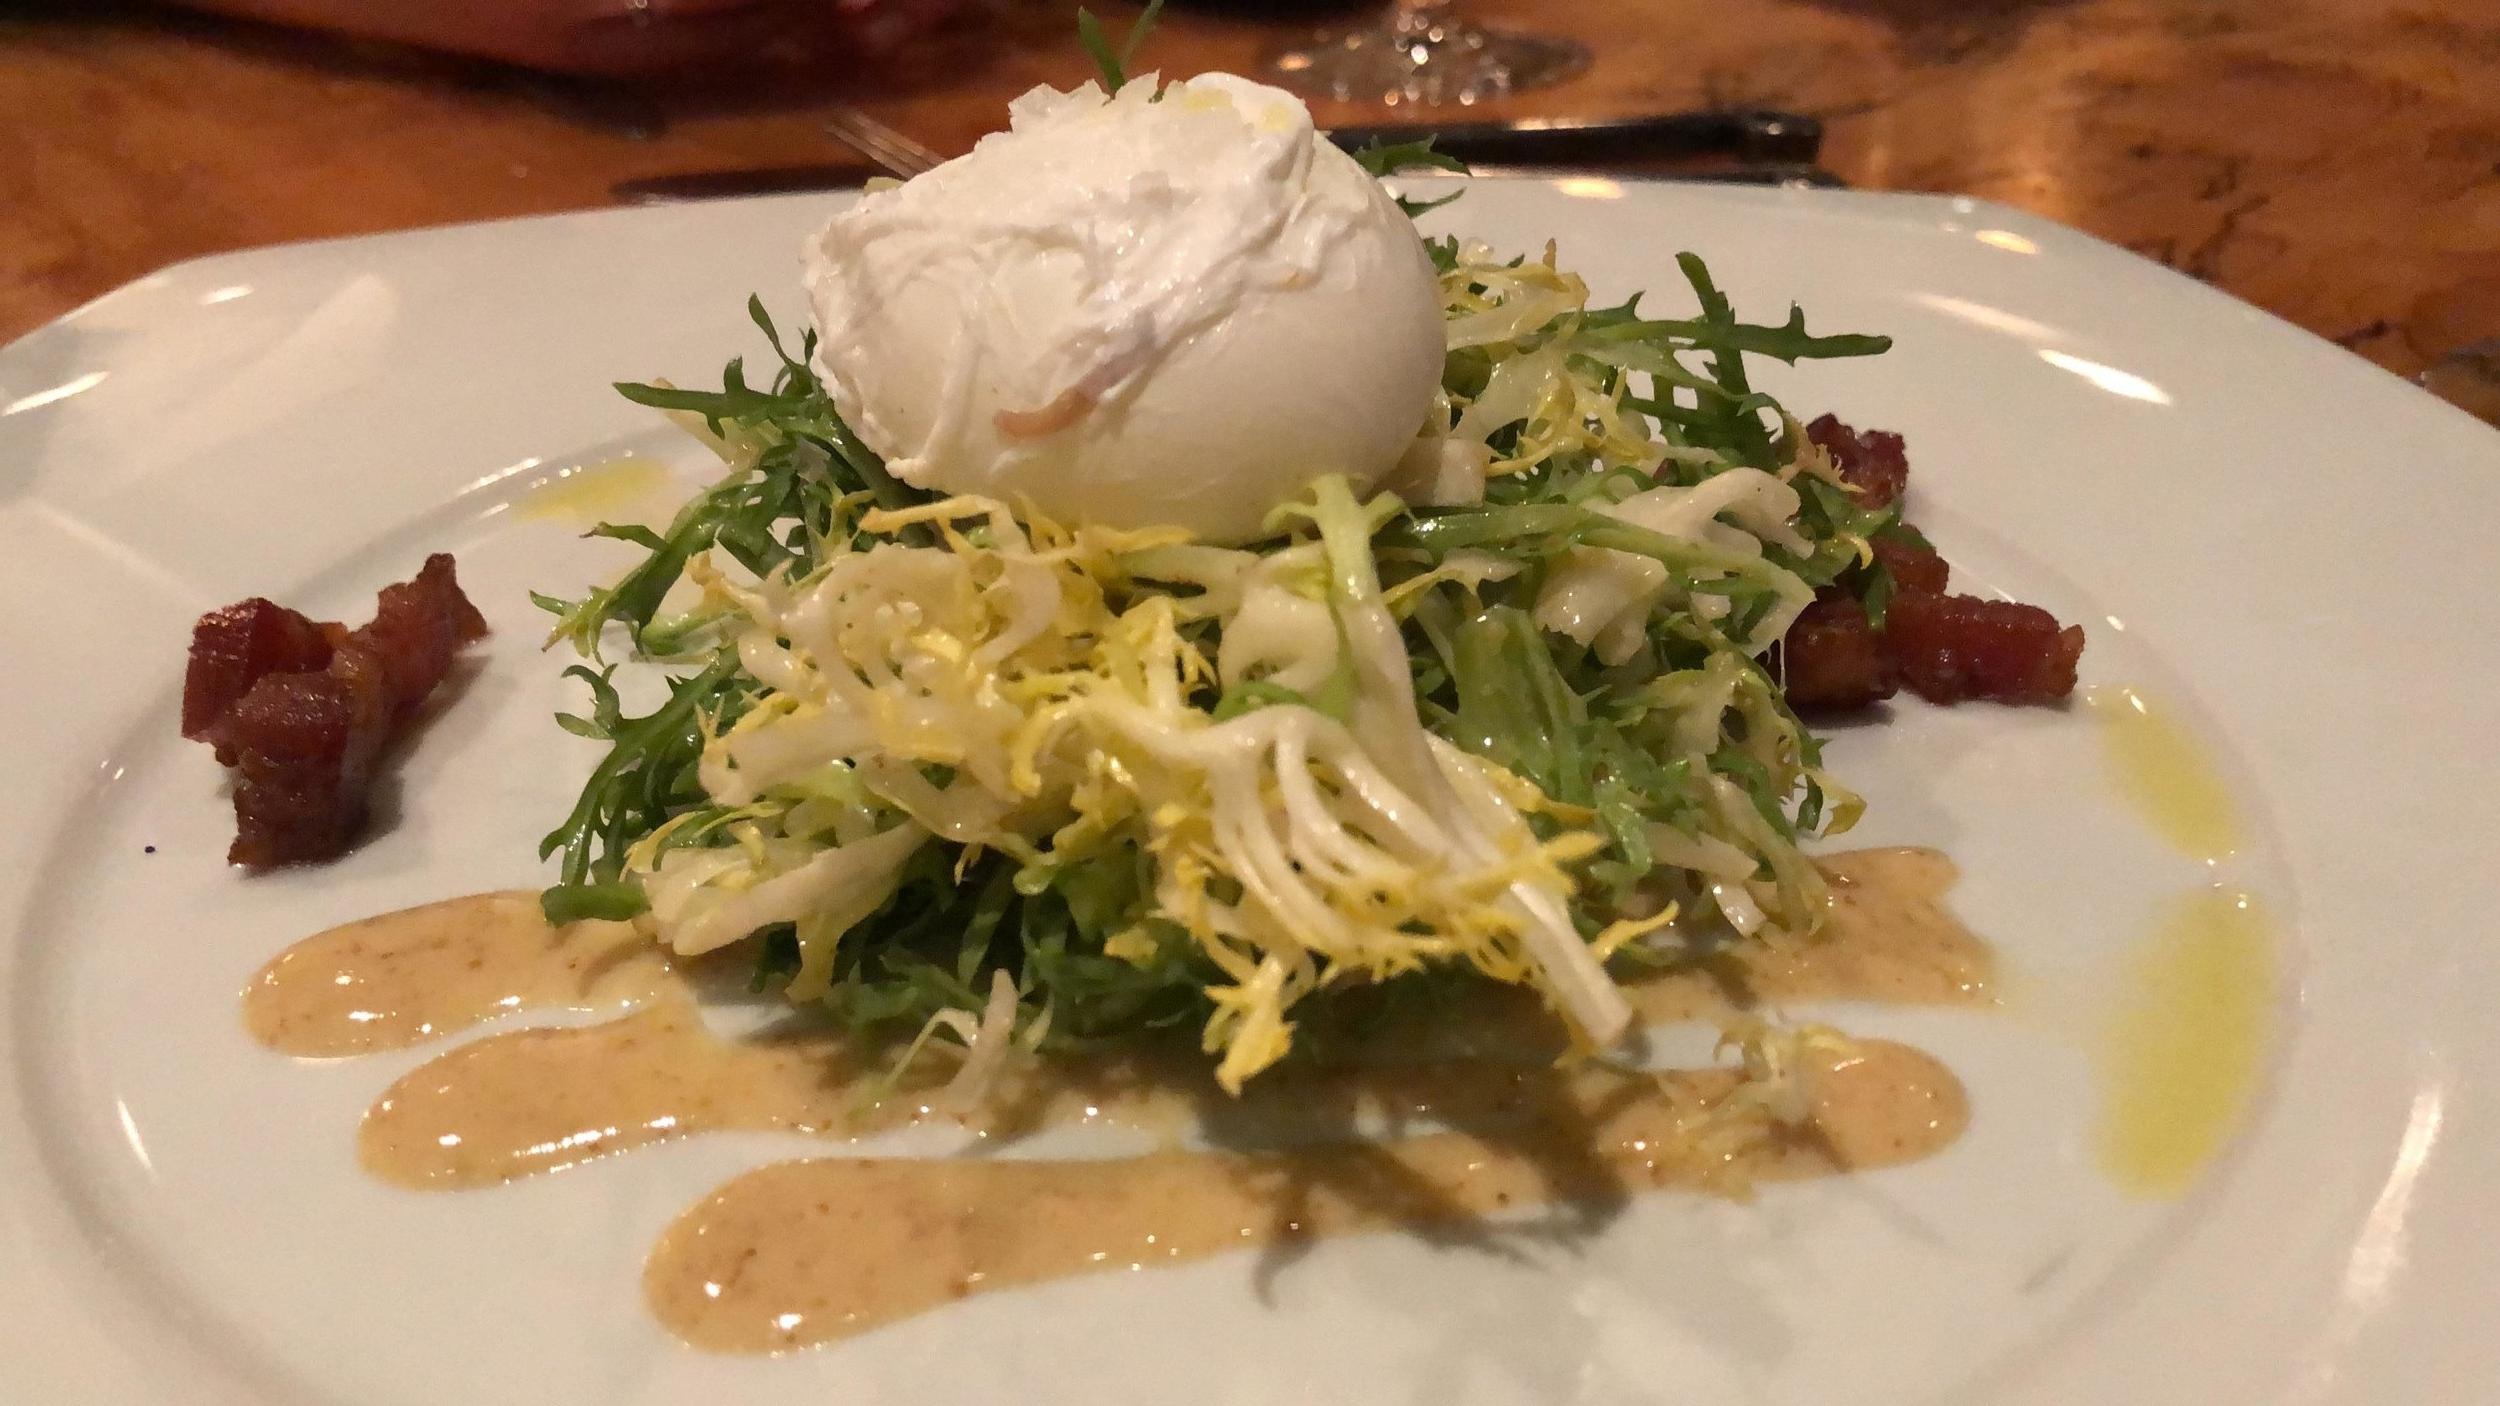 Lyonnaise Salad - Frisee. Benton's Bacon. Poached Egg. Mustard Vinaigrette.